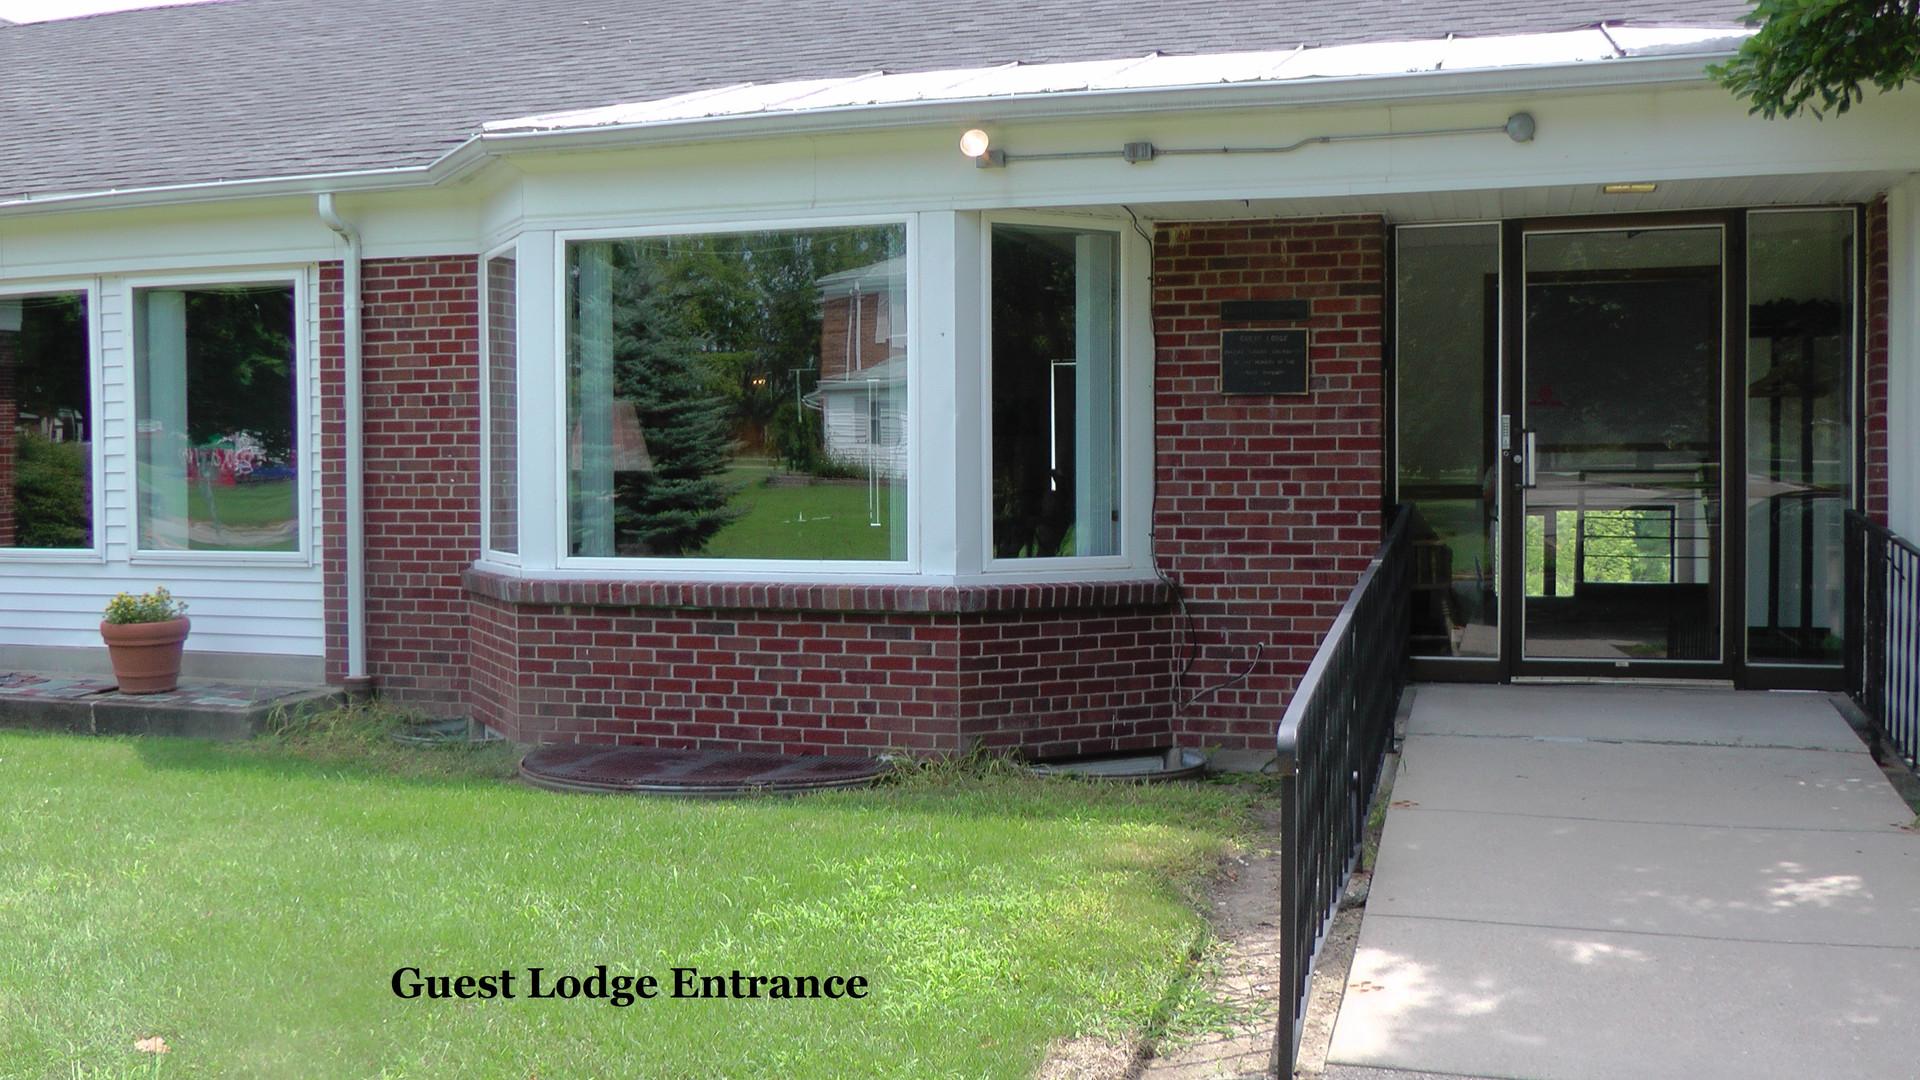 Guest Lodge Entrance